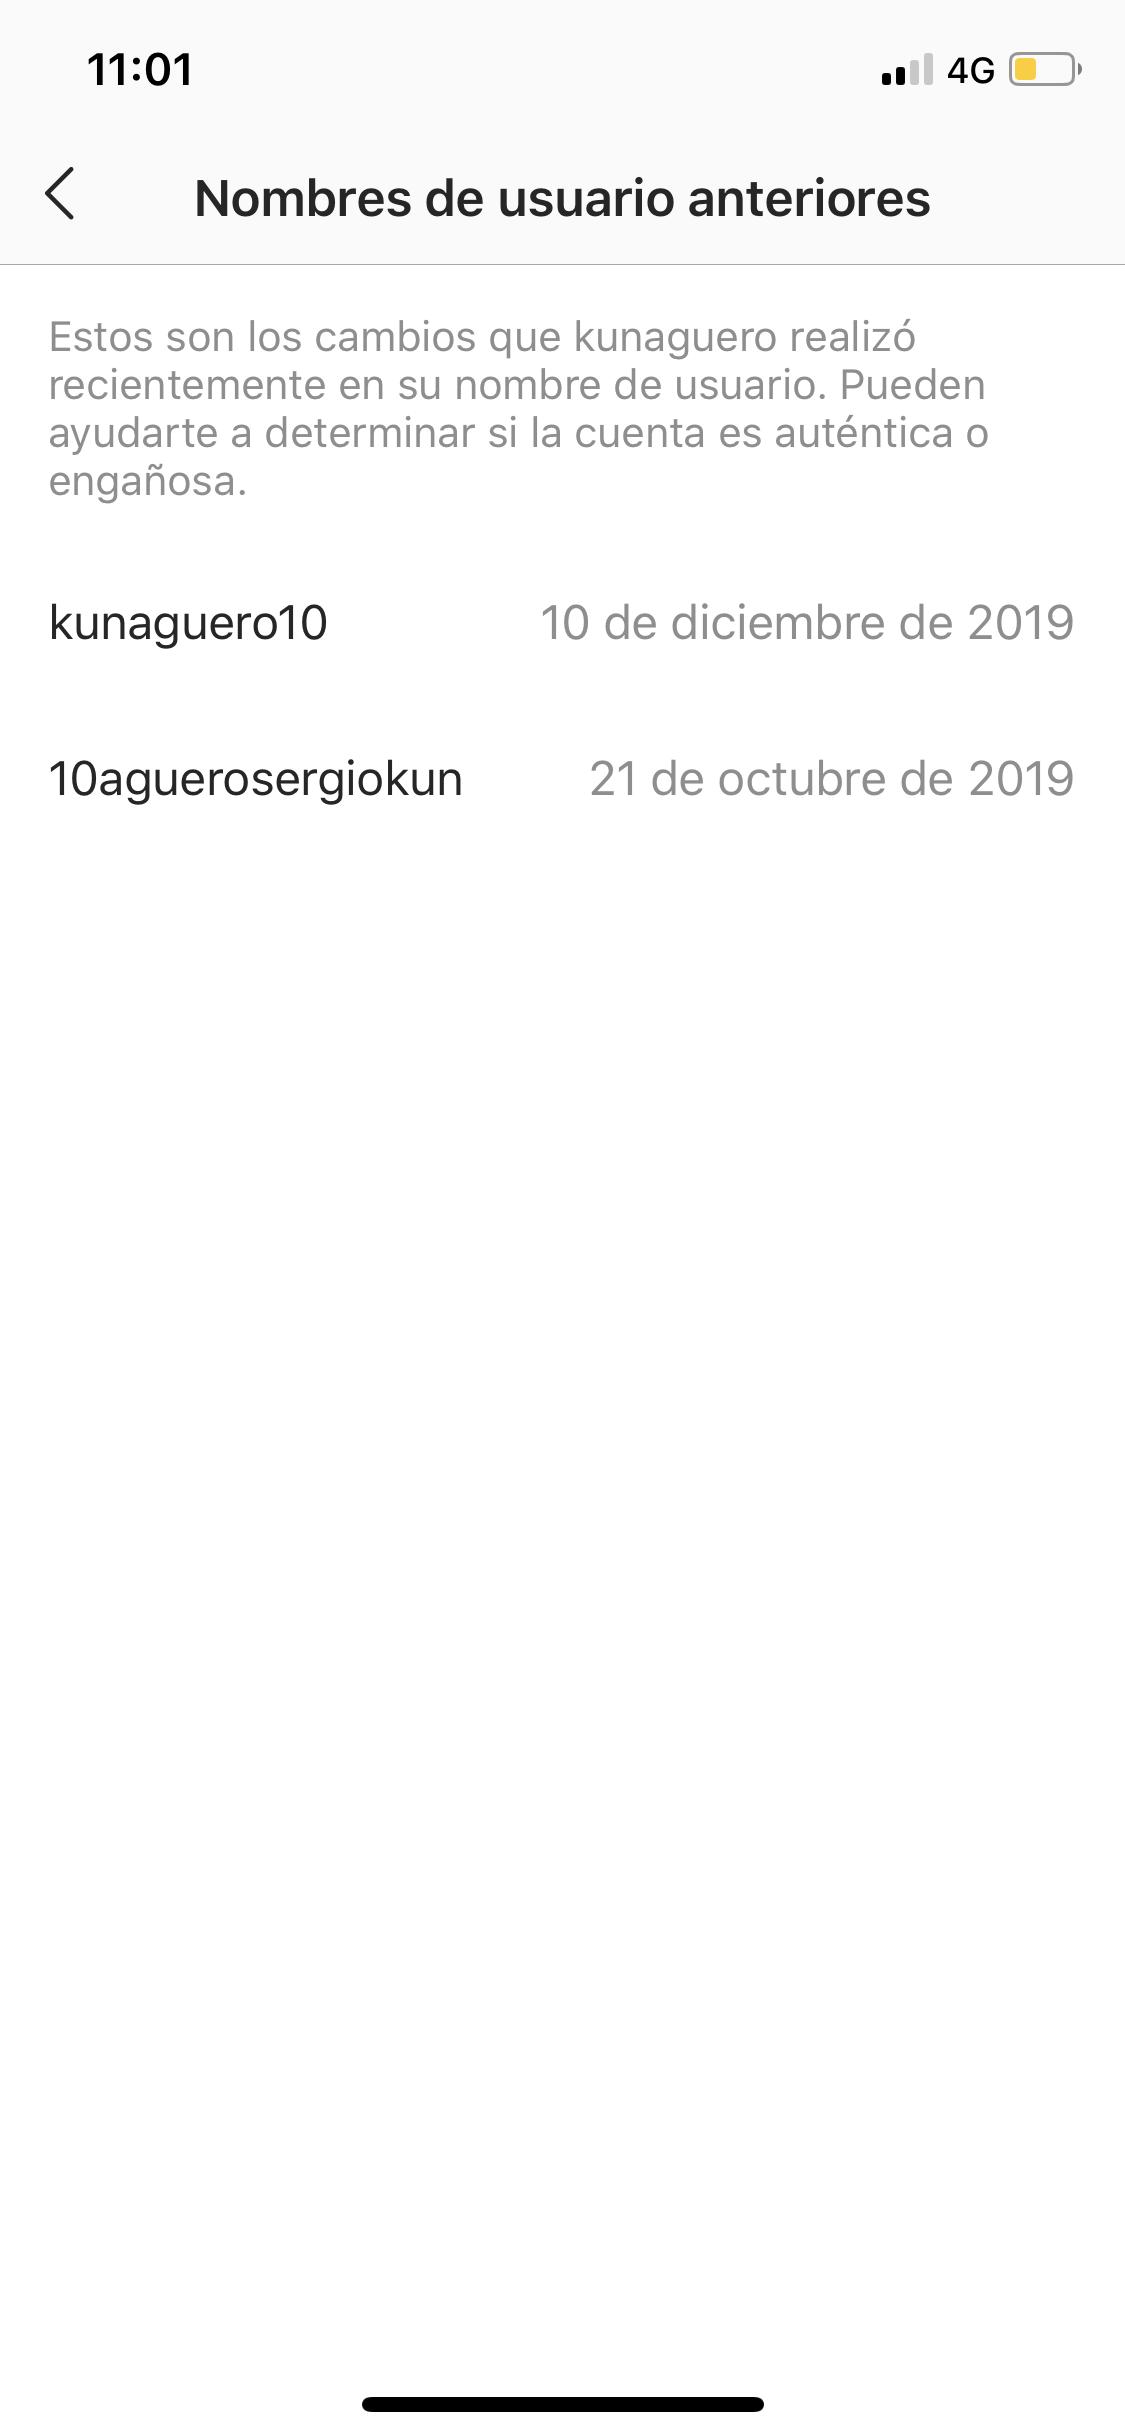 kun-aguero-cambia-su-nombre-en-instagram-1.png